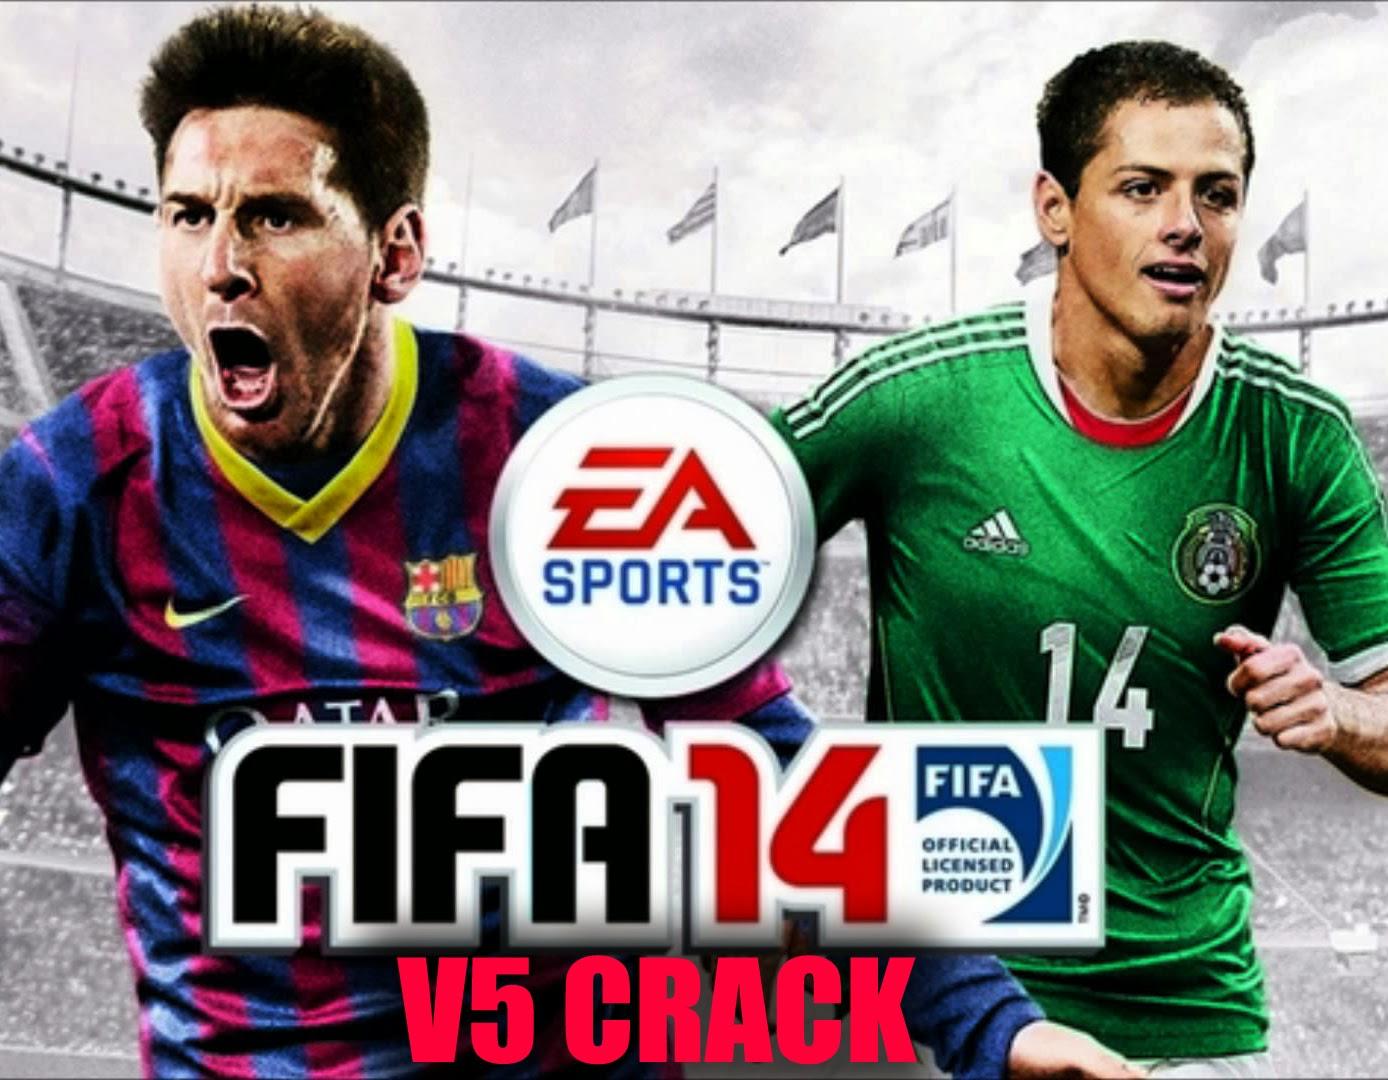 Redtail Pc Fifa 14 V5 Crack